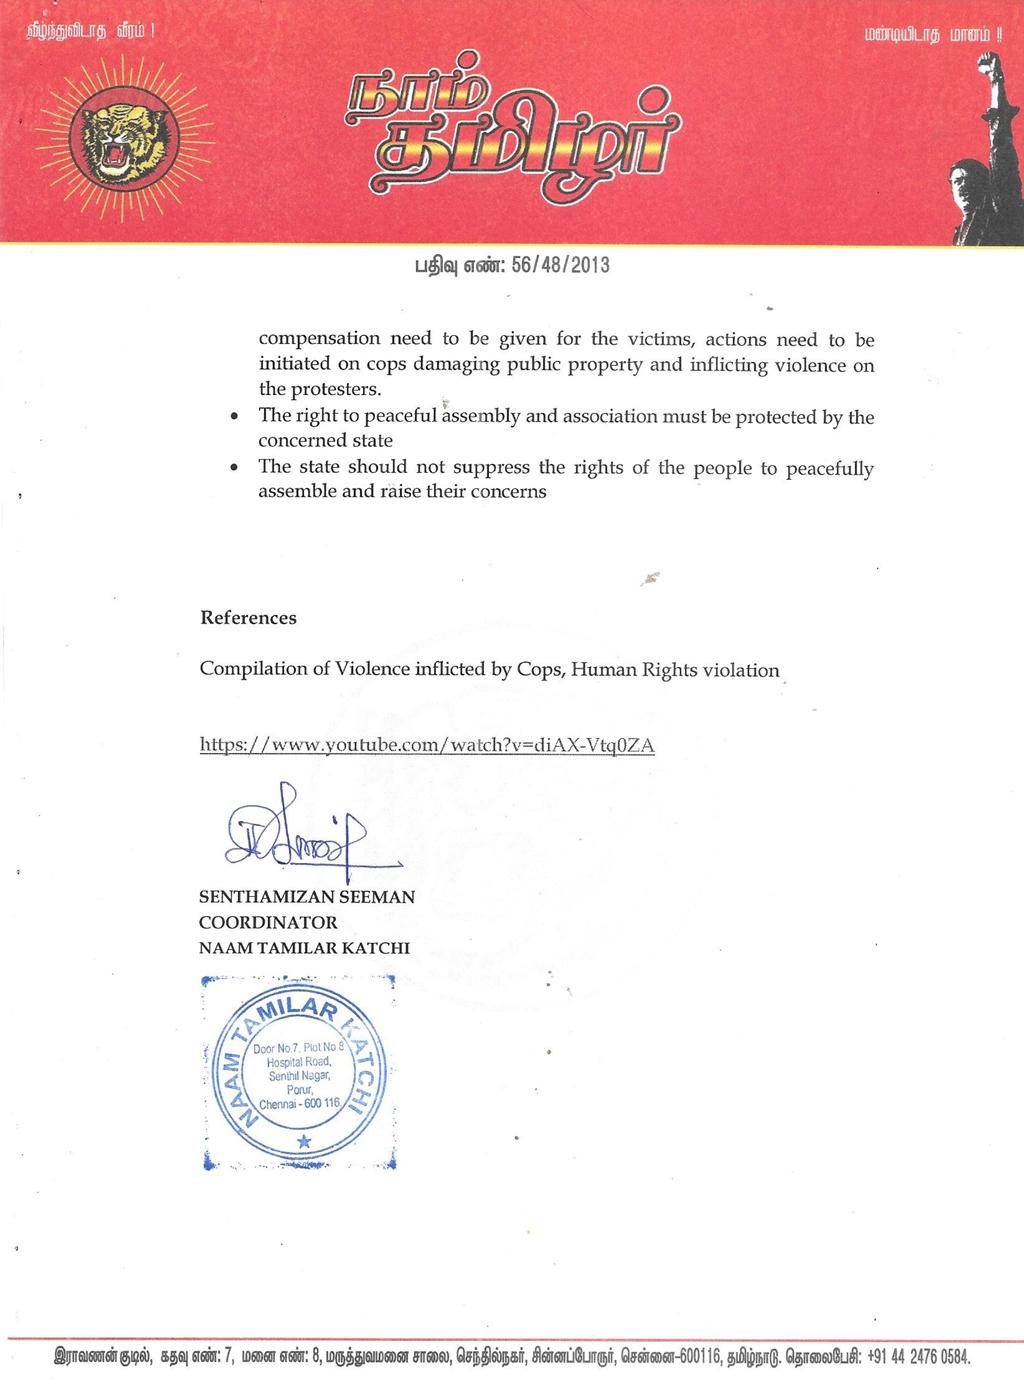 சல்லிக்கட்டு அரச வன்முறை: ஜெனீவா ஐநா மனித உரிமை ஆணையத்திடம் புகார் NTK UNO Jallikattu HRV 5